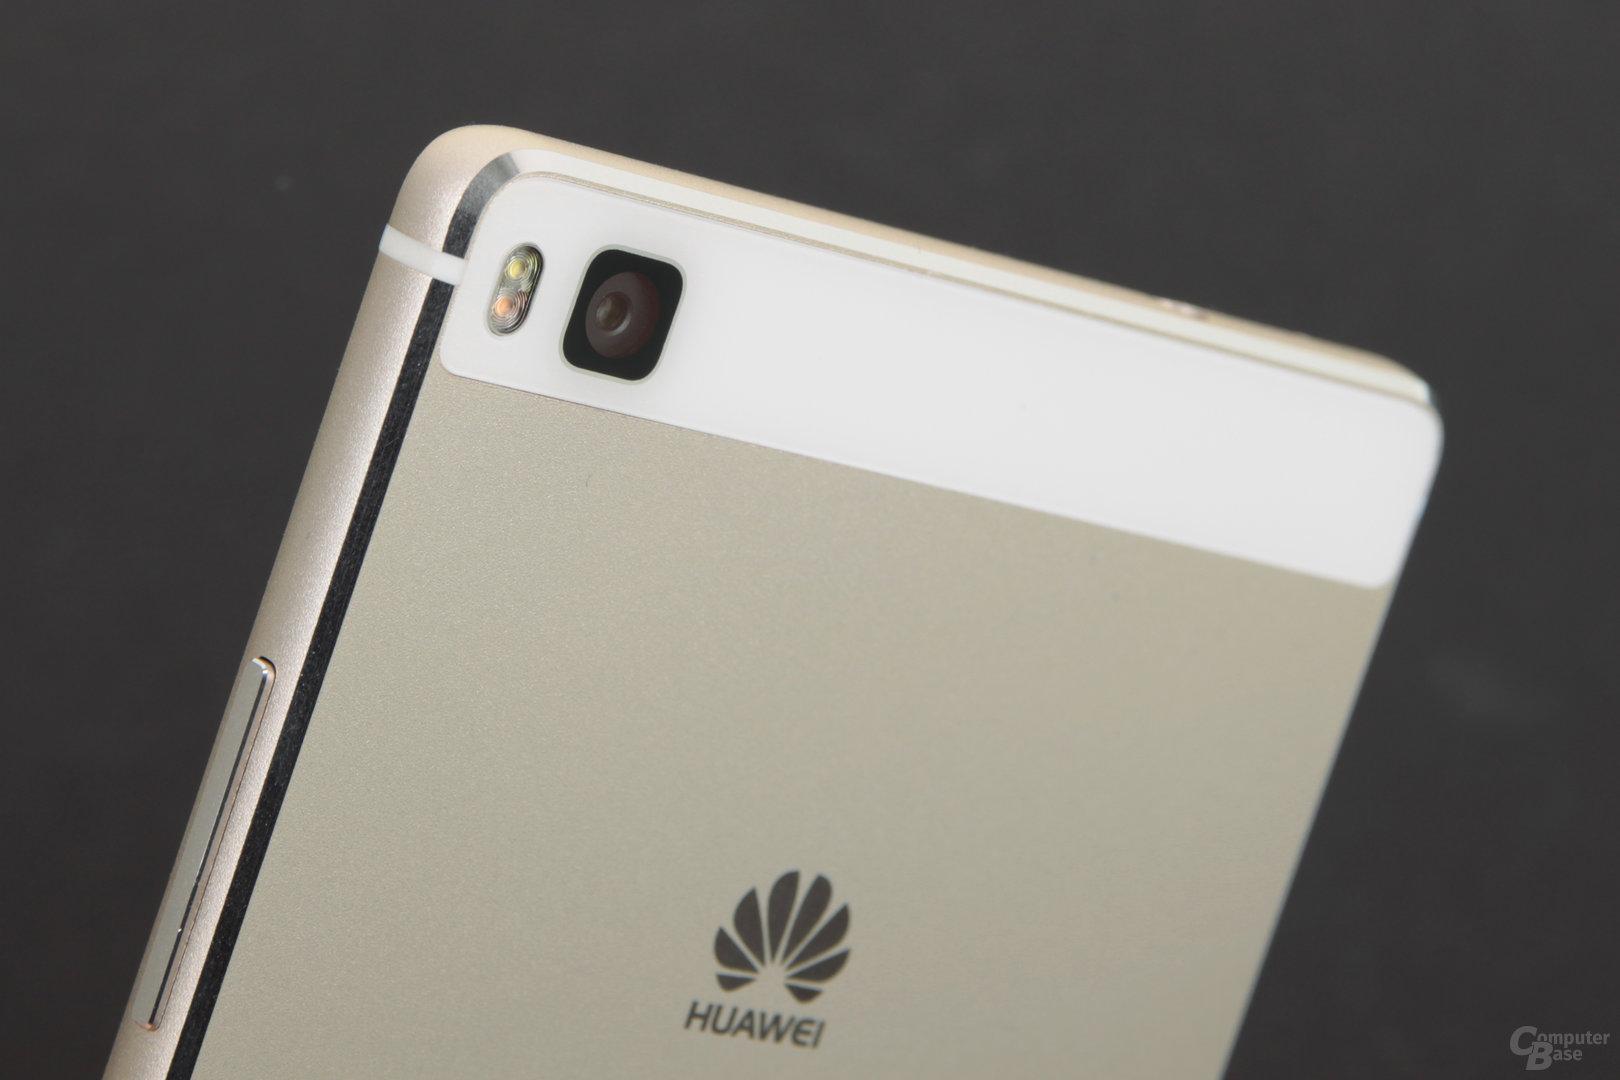 Kamera, Design und Display zeichnen das Huawei P8 aus